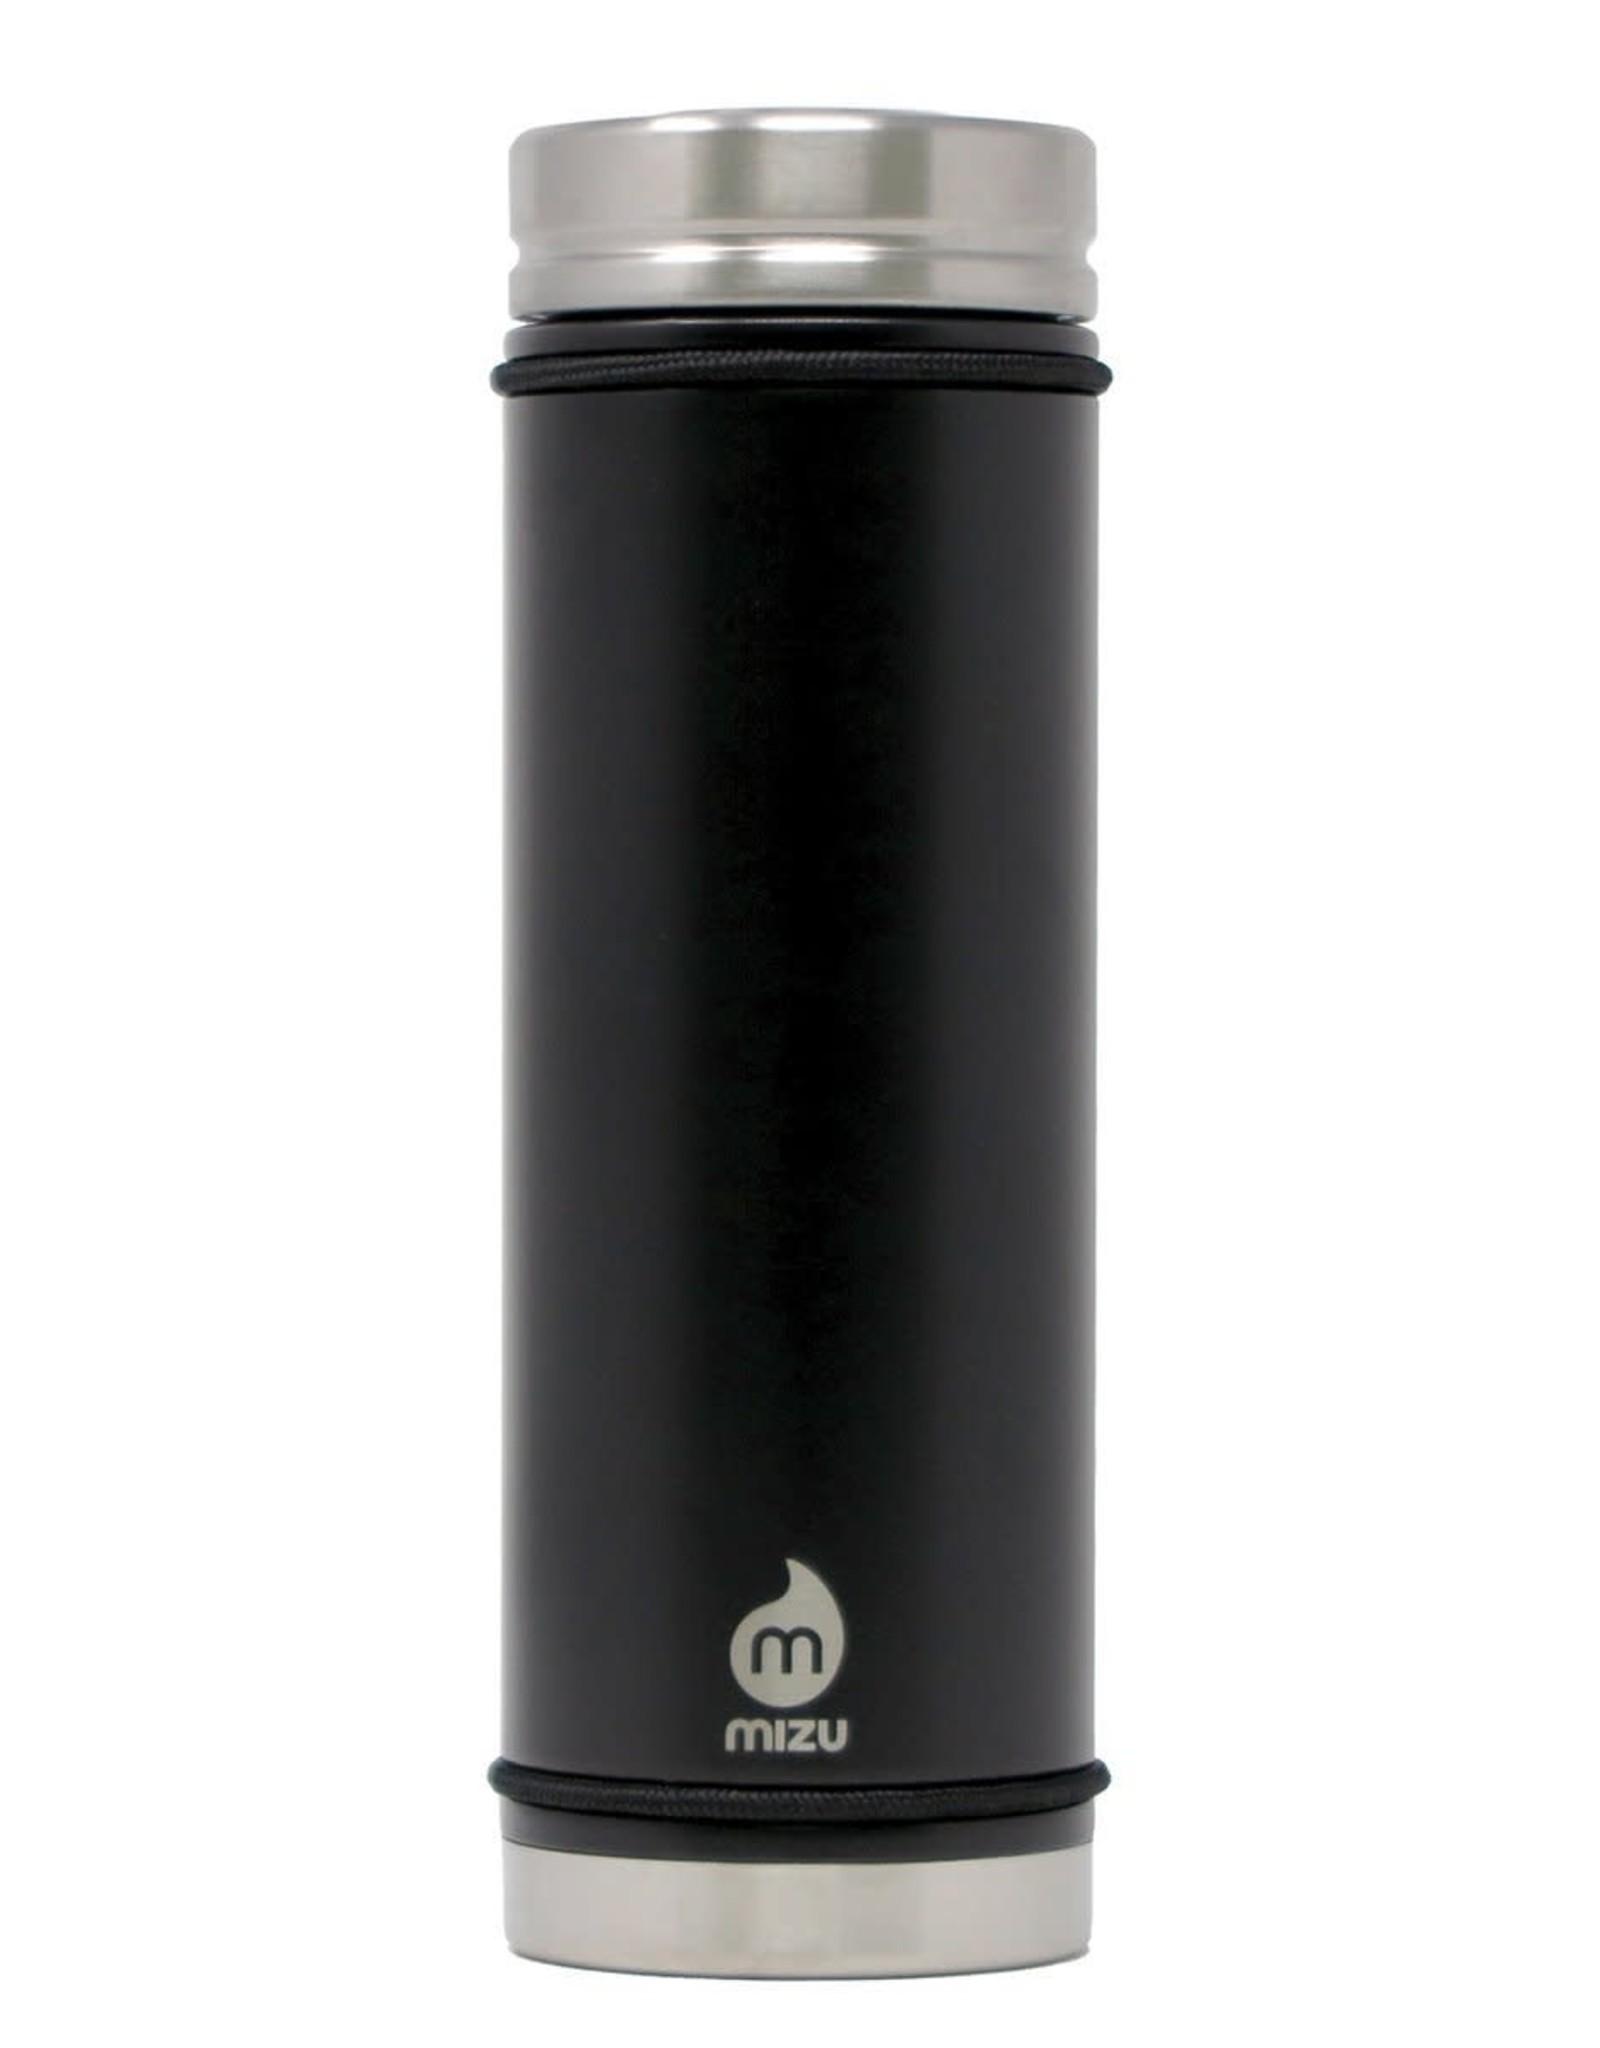 Mizu Mizu Thermosfles V7 VACUUM LID 600 ml Insulated  Enduro Black